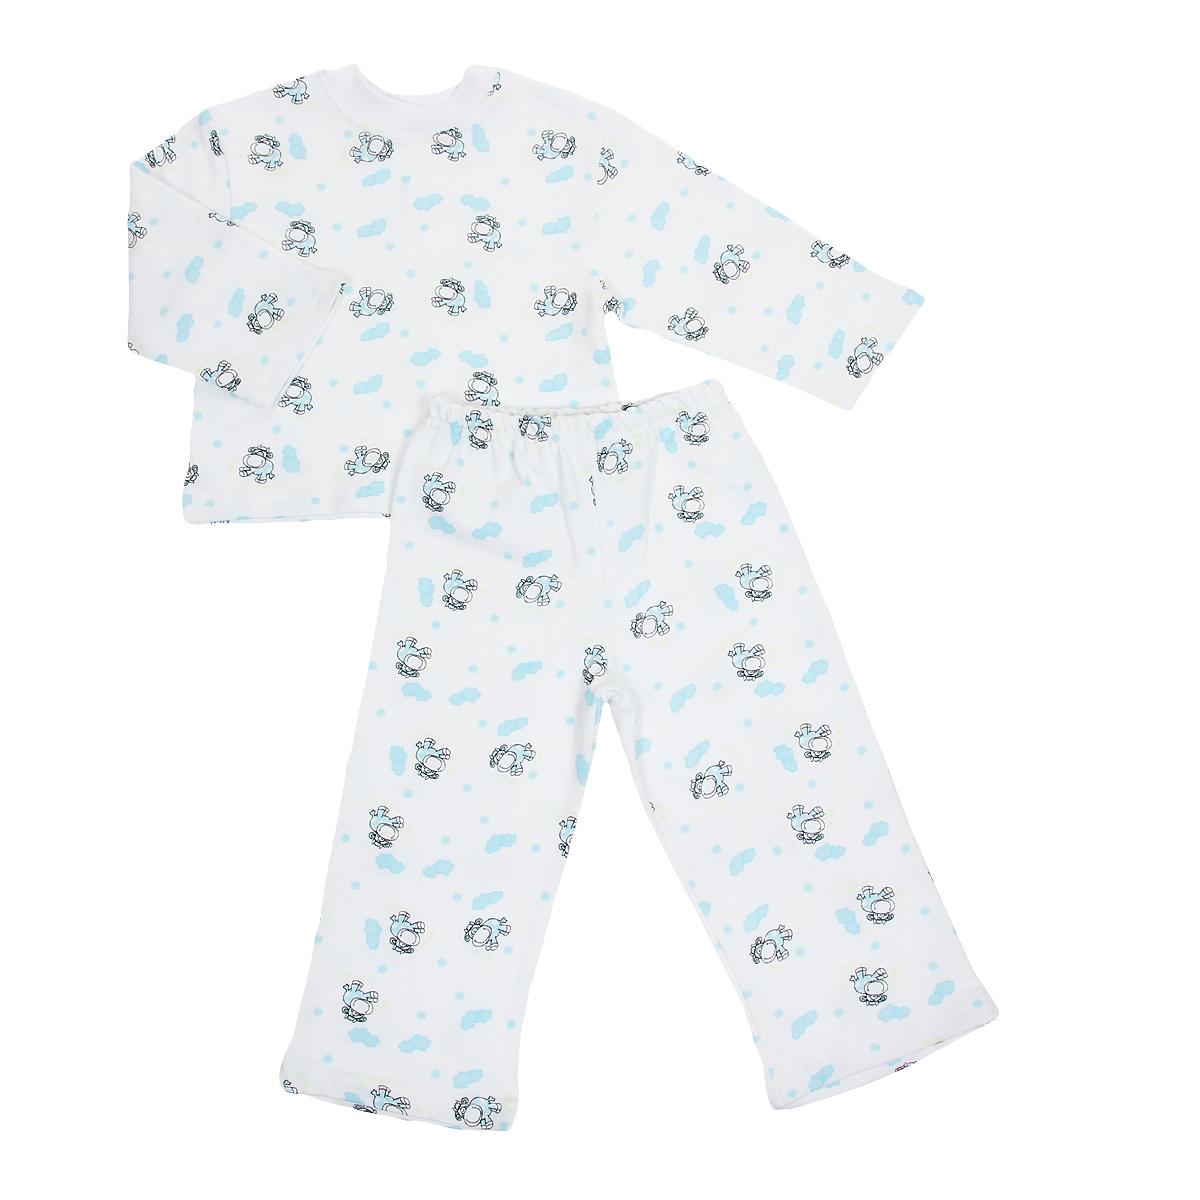 Пижама детская Трон-плюс, цвет: белый, голубой, рисунок коровы. 5553. Размер 110/116, 4-8 лет5553Яркая детская пижама Трон-плюс, состоящая из кофточки и штанишек, идеально подойдет вашему малышу и станет отличным дополнением к детскому гардеробу. Теплая пижама, изготовленная из набивного футера - натурального хлопка, необычайно мягкая и легкая, не сковывает движения ребенка, позволяет коже дышать и не раздражает даже самую нежную и чувствительную кожу малыша. Кофта с длинными рукавами имеет круглый вырез горловины. Штанишки на удобной резинке не сдавливают животик ребенка и не сползают.В такой пижаме ваш ребенок будет чувствовать себя комфортно и уютно во время сна.